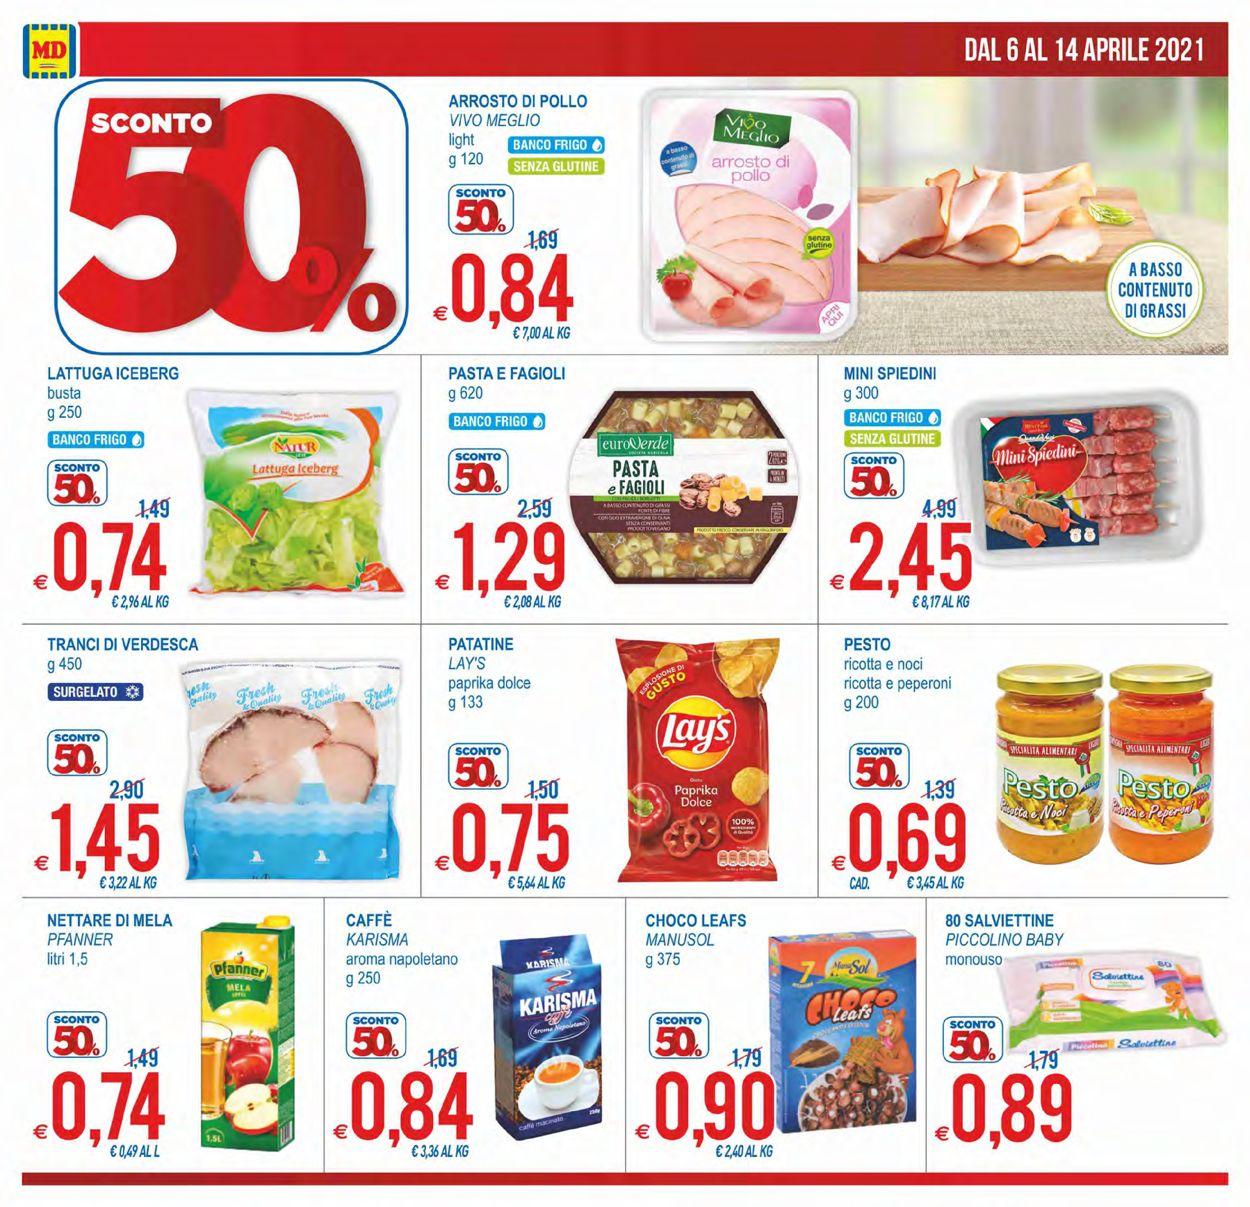 Volantino MD Discount - Offerte 06/04-14/04/2021 (Pagina 4)